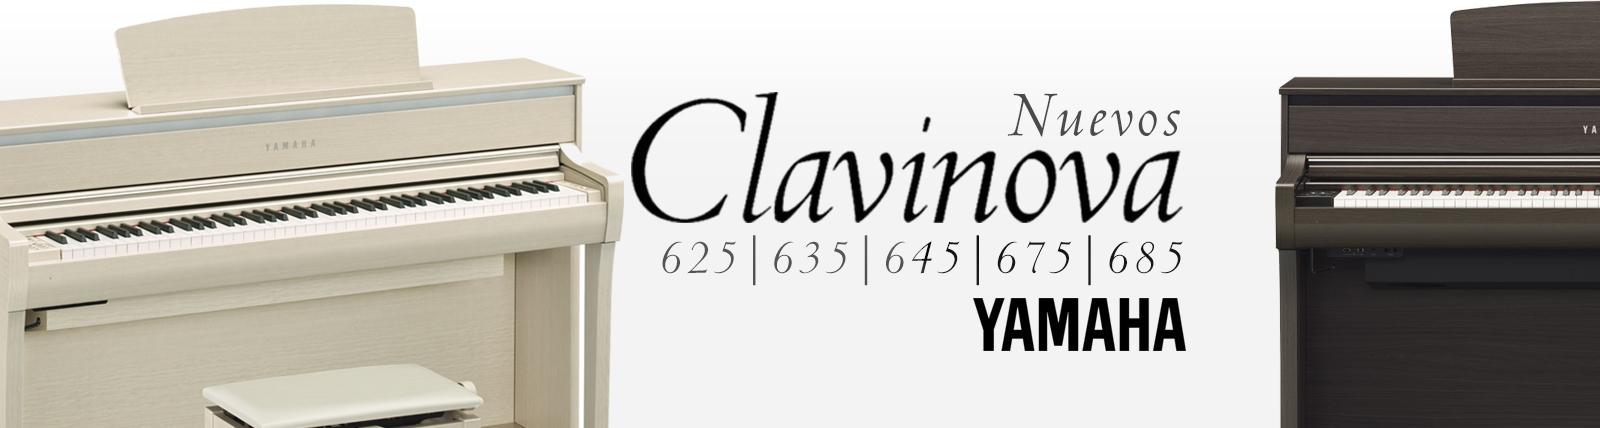 pianos yamaha clavinova